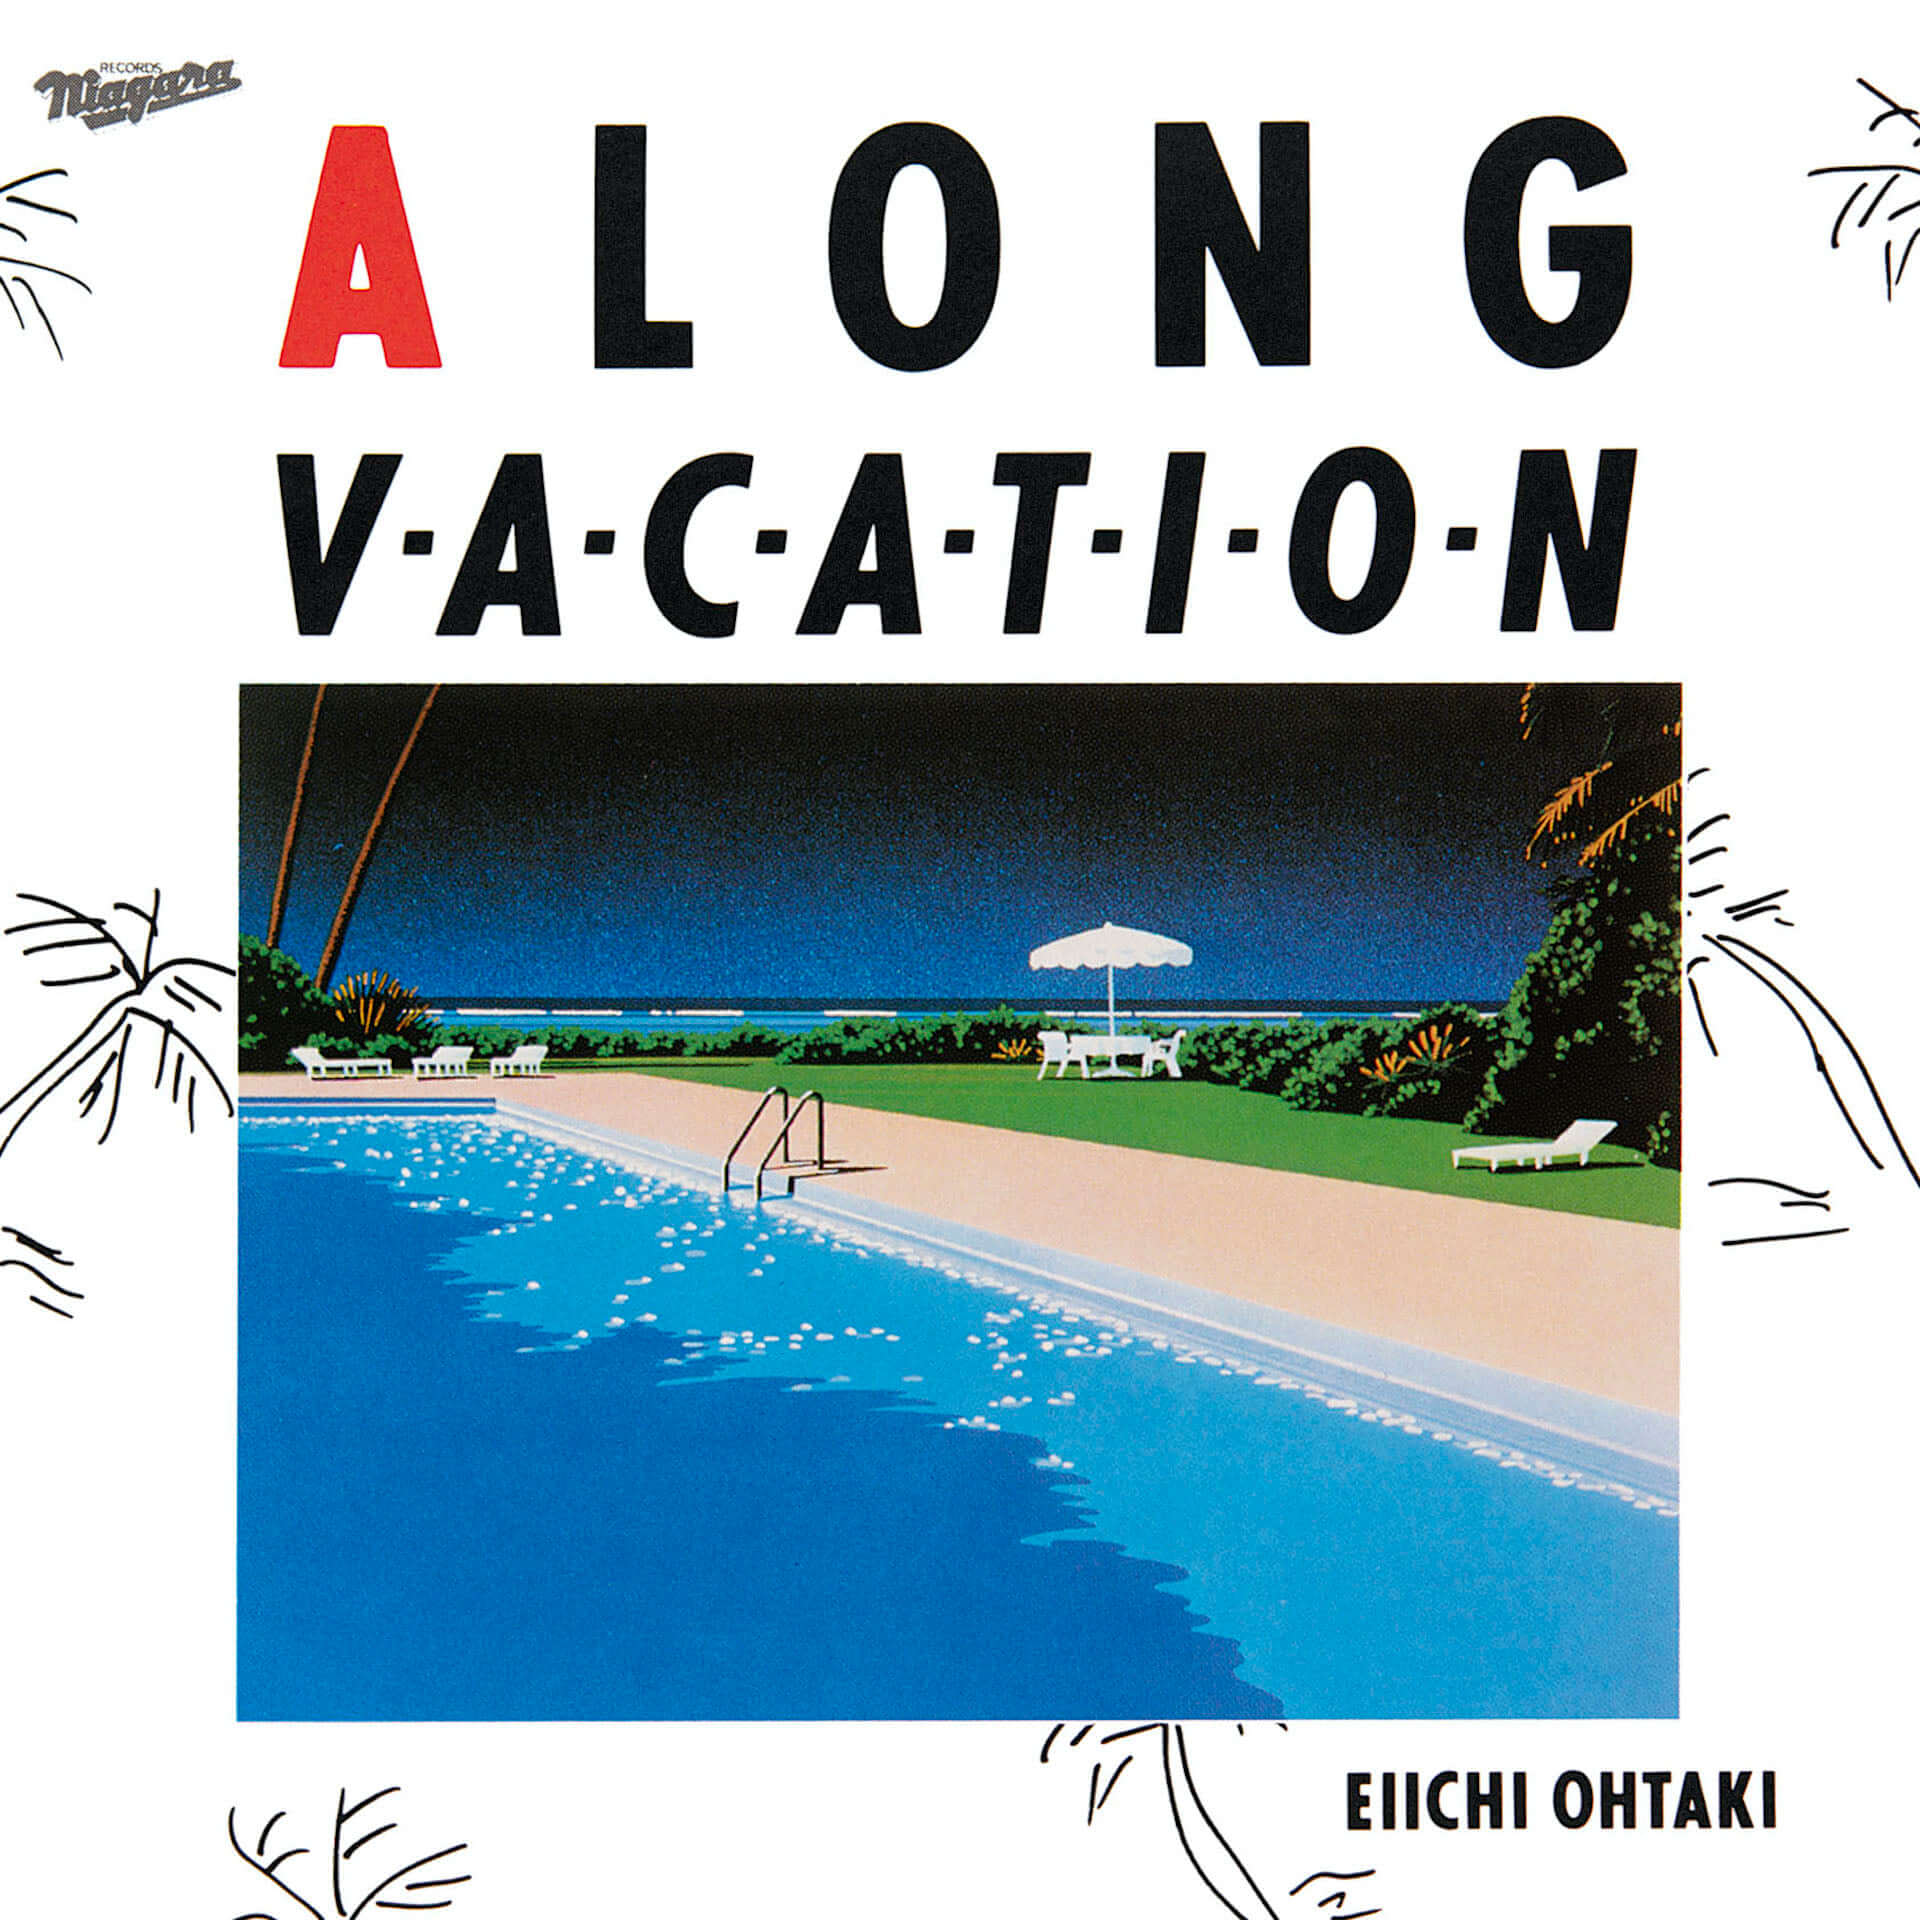 大滝詠一『A LONG VACATION』40周年記念盤の収録内容が公開!約30曲にも及ぶ音源集『Road to A LONG VACATION』も収録 music201026_ohtakieiichi_3-1920x1920